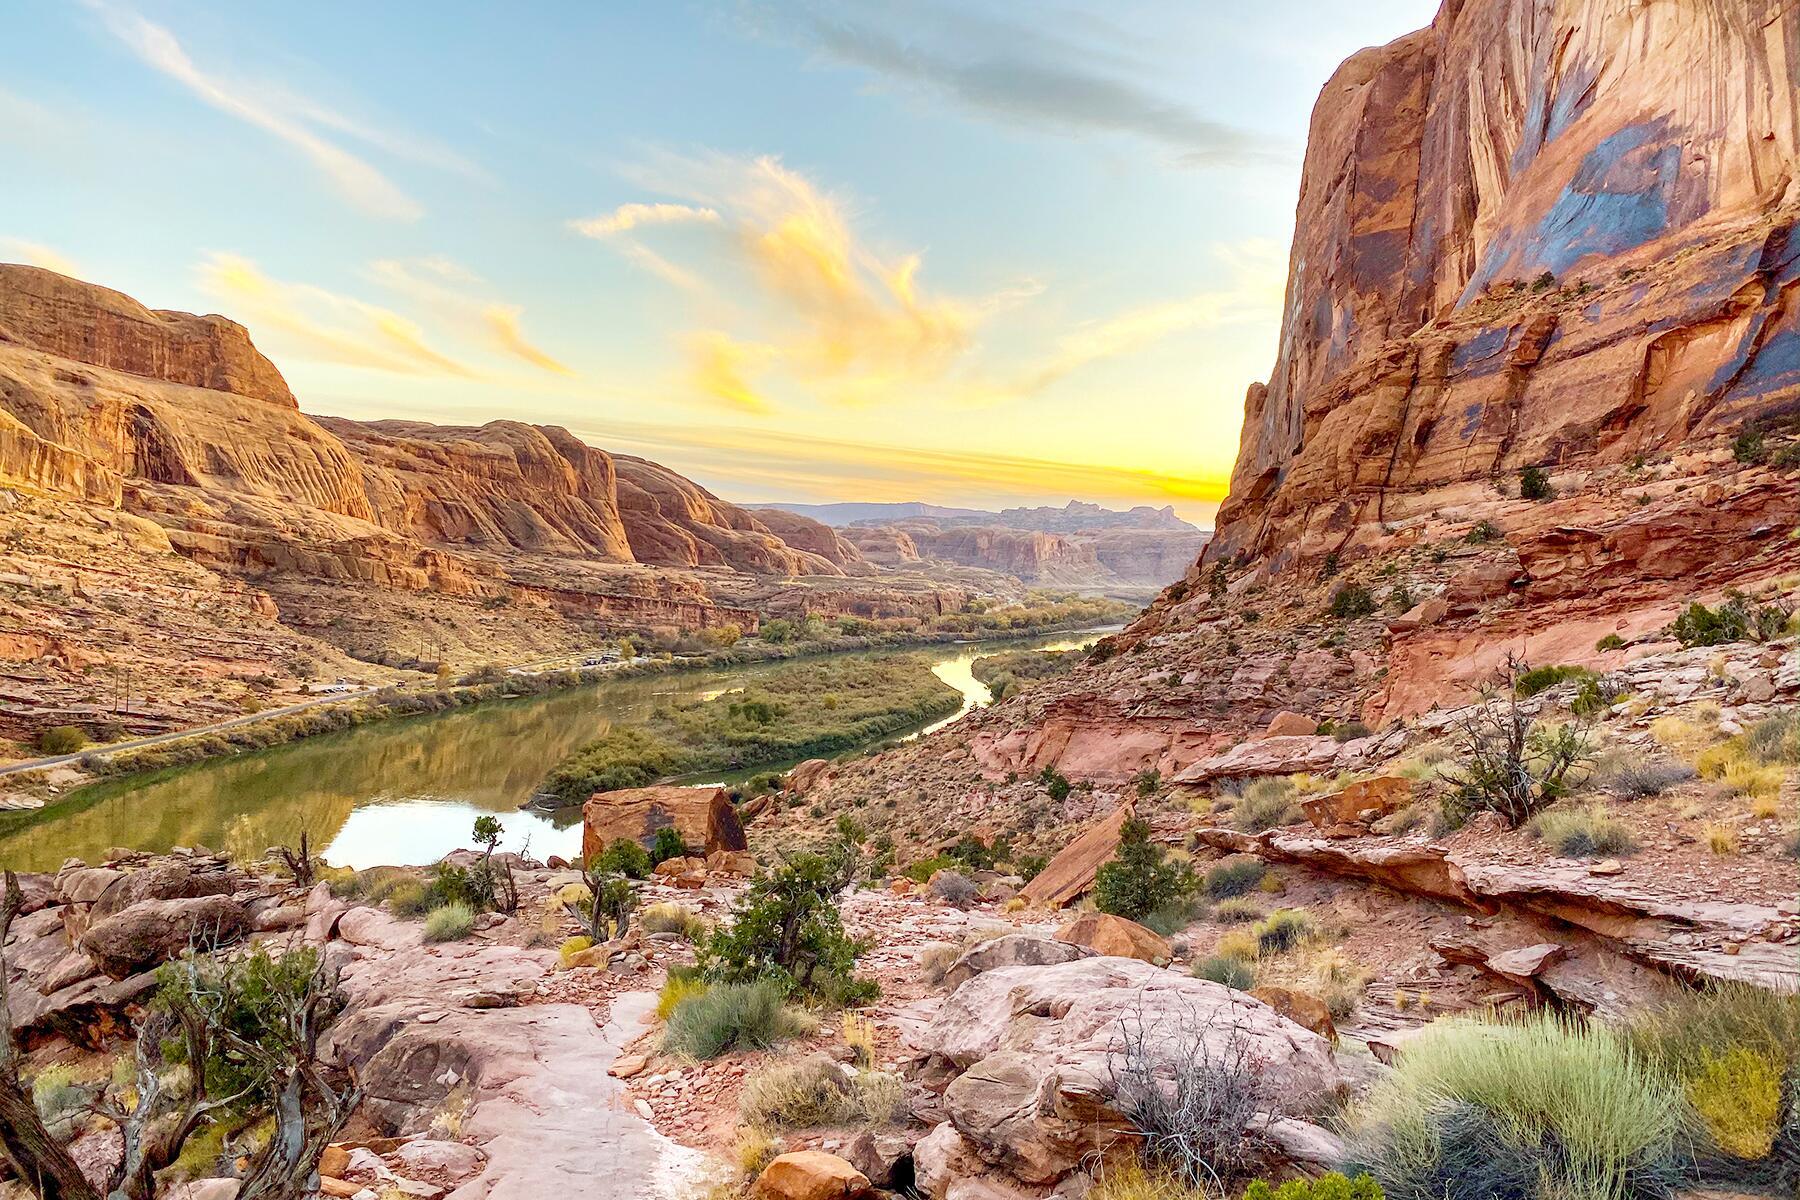 Denver to Moab, Utah